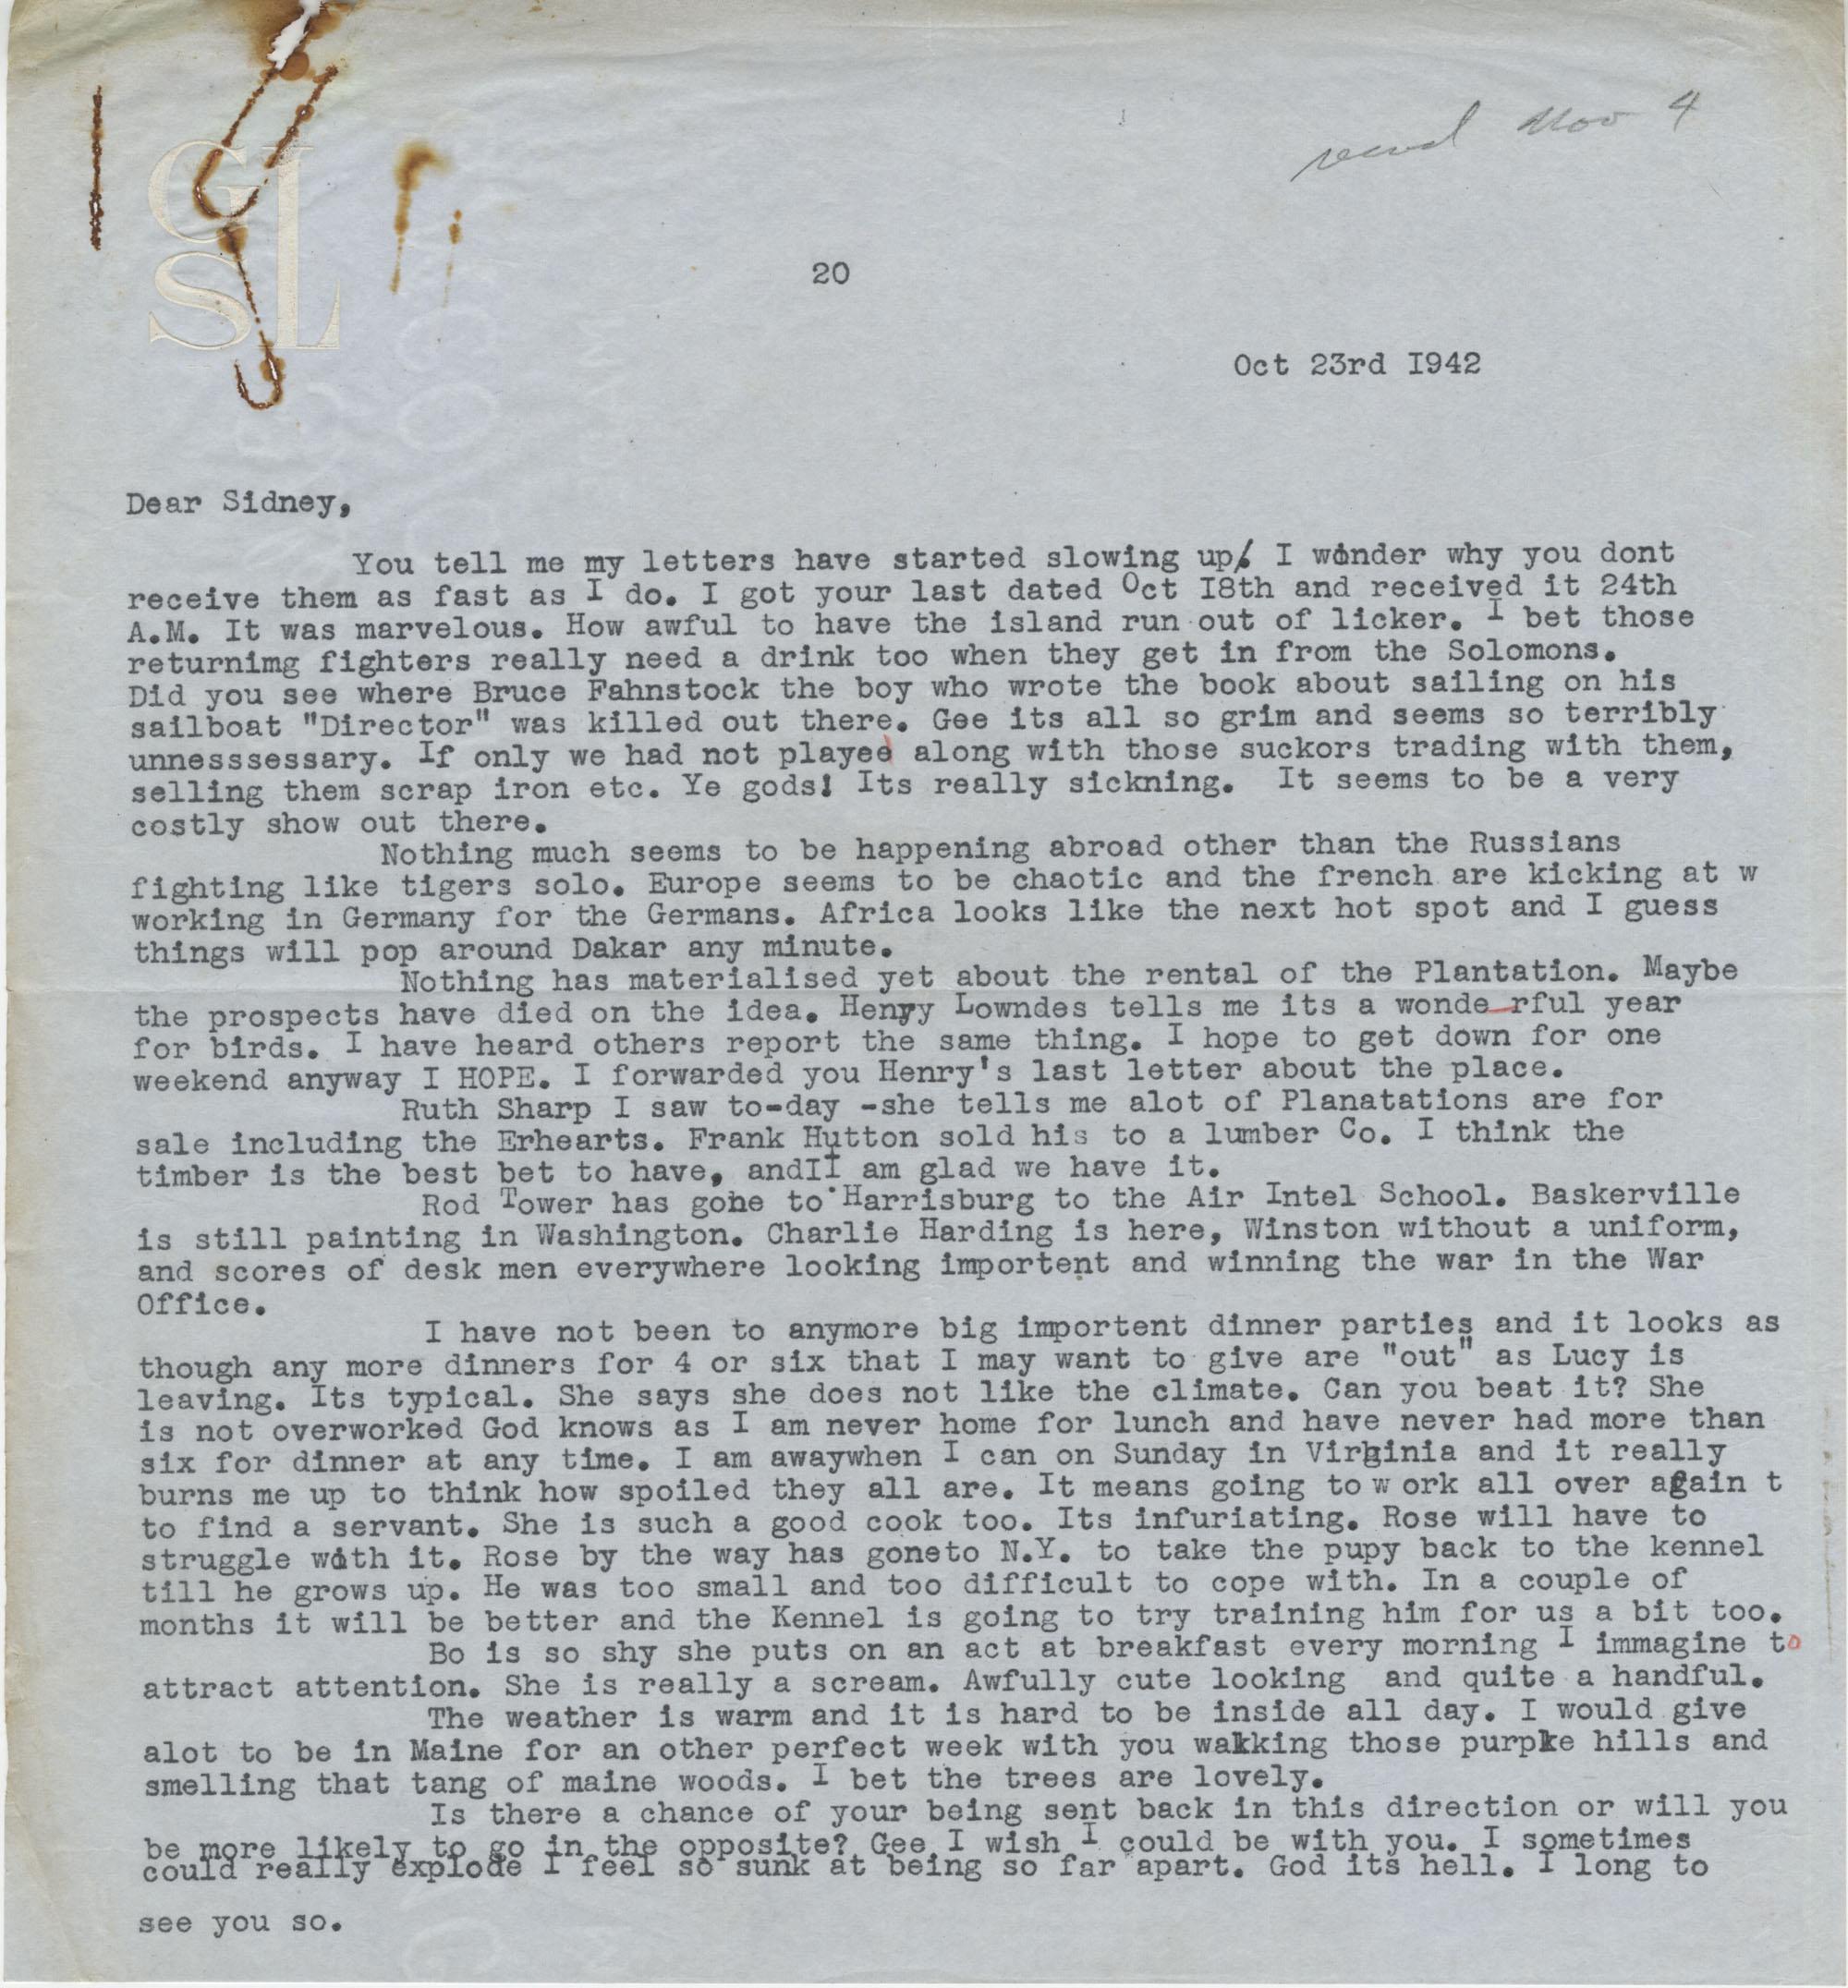 Letter from Gertrude Sanford Legendre, October 23, 1942